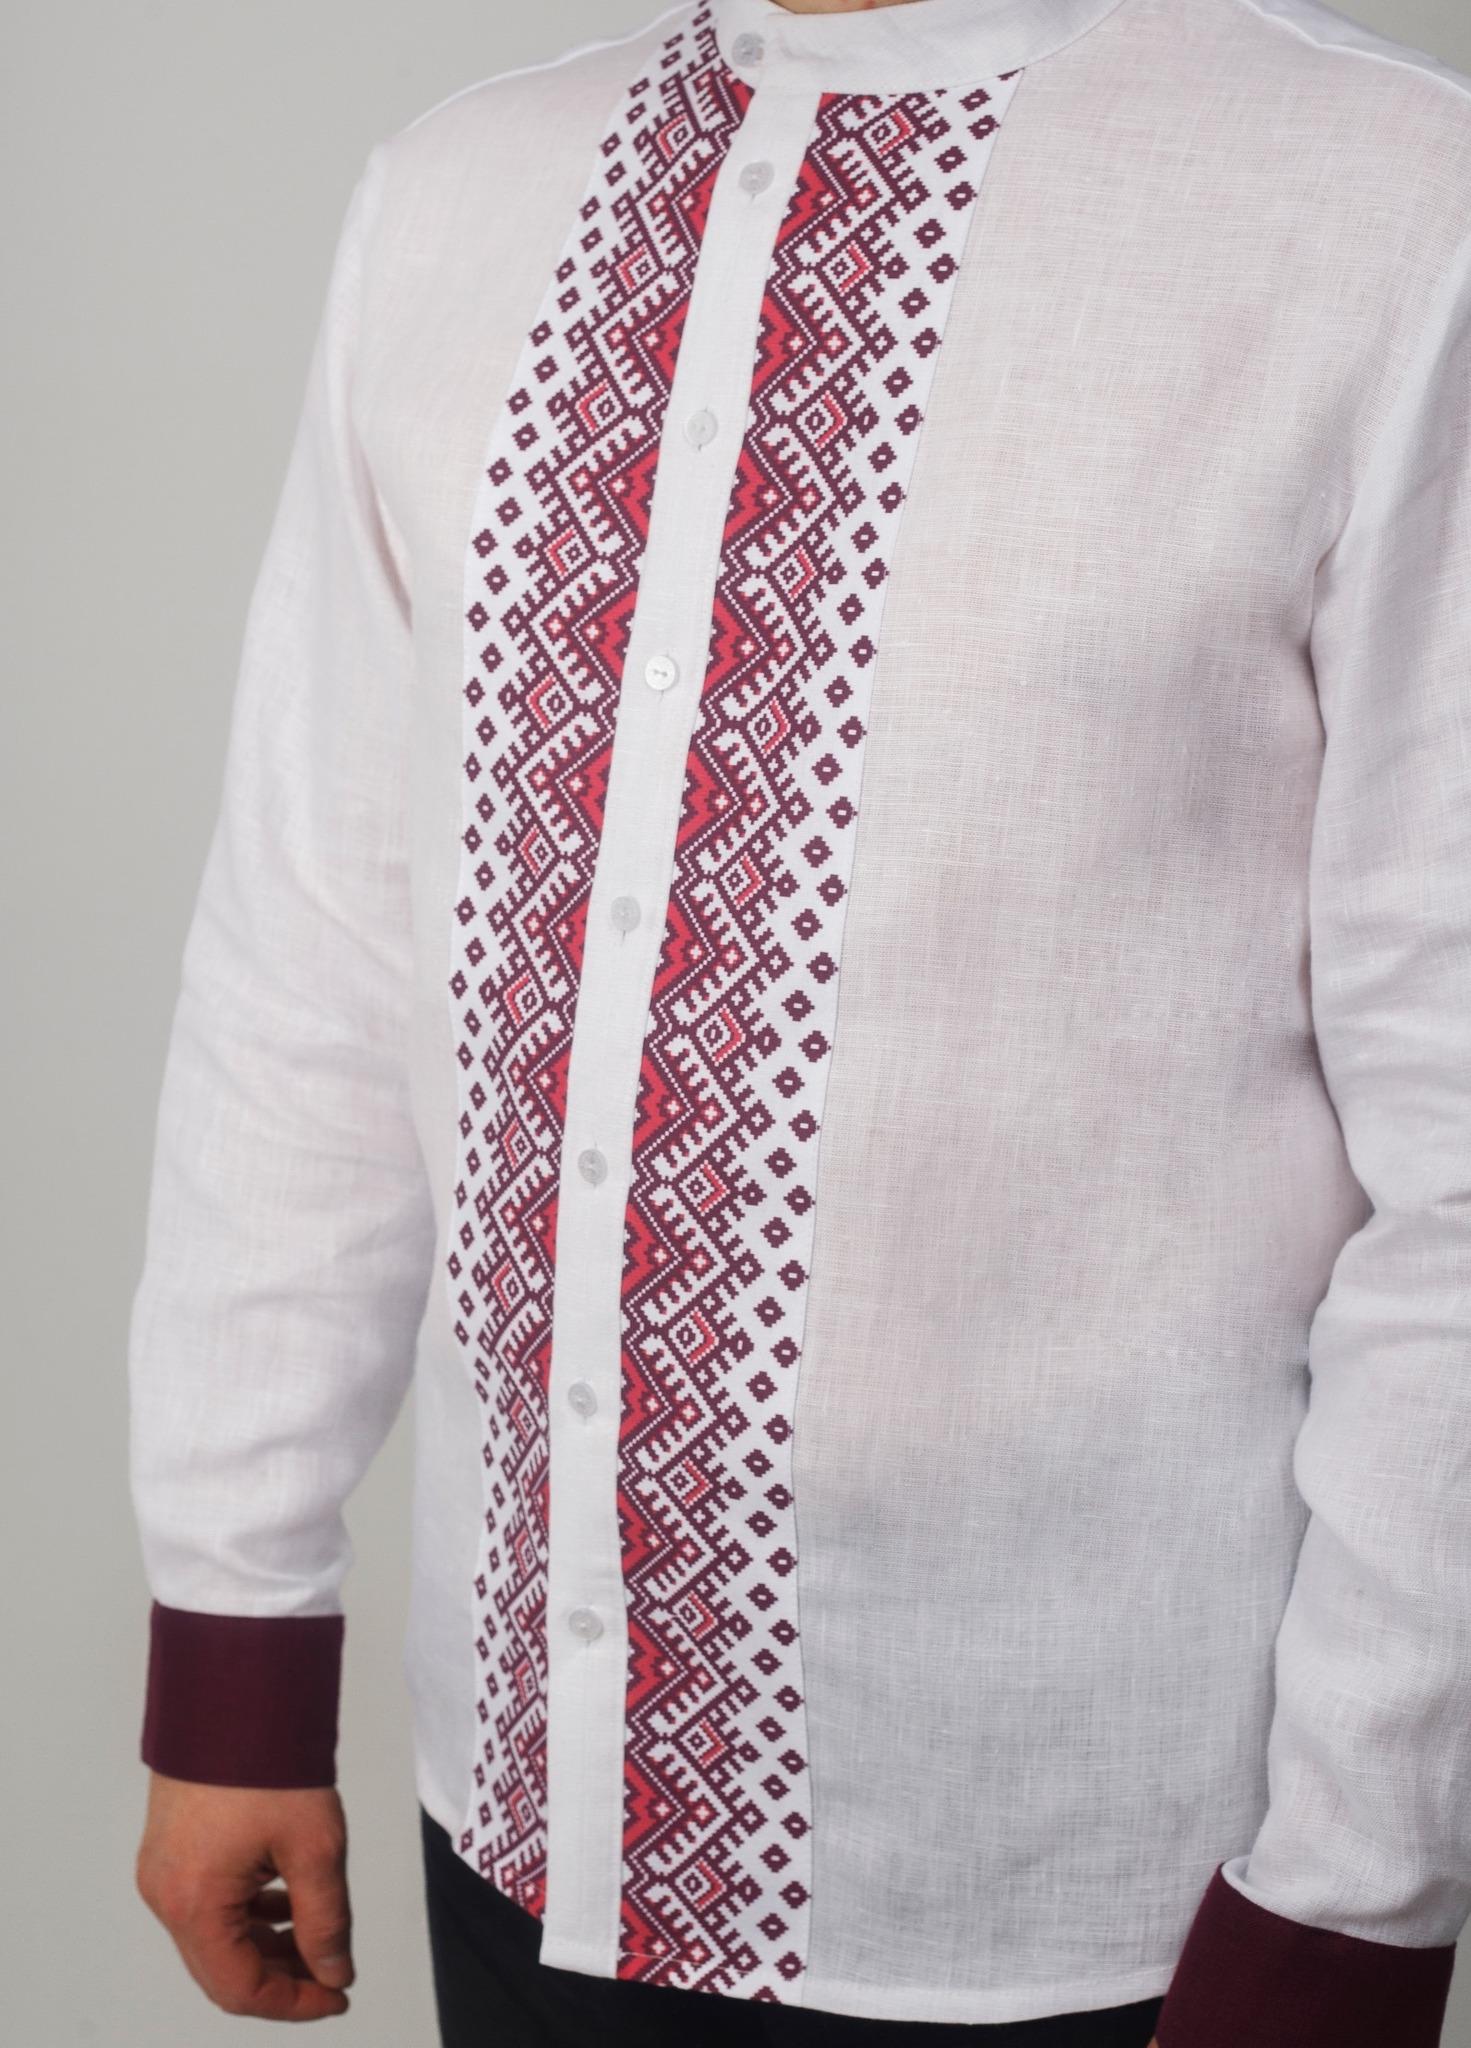 Рубашка мужская Южная Приближенный фрагмент